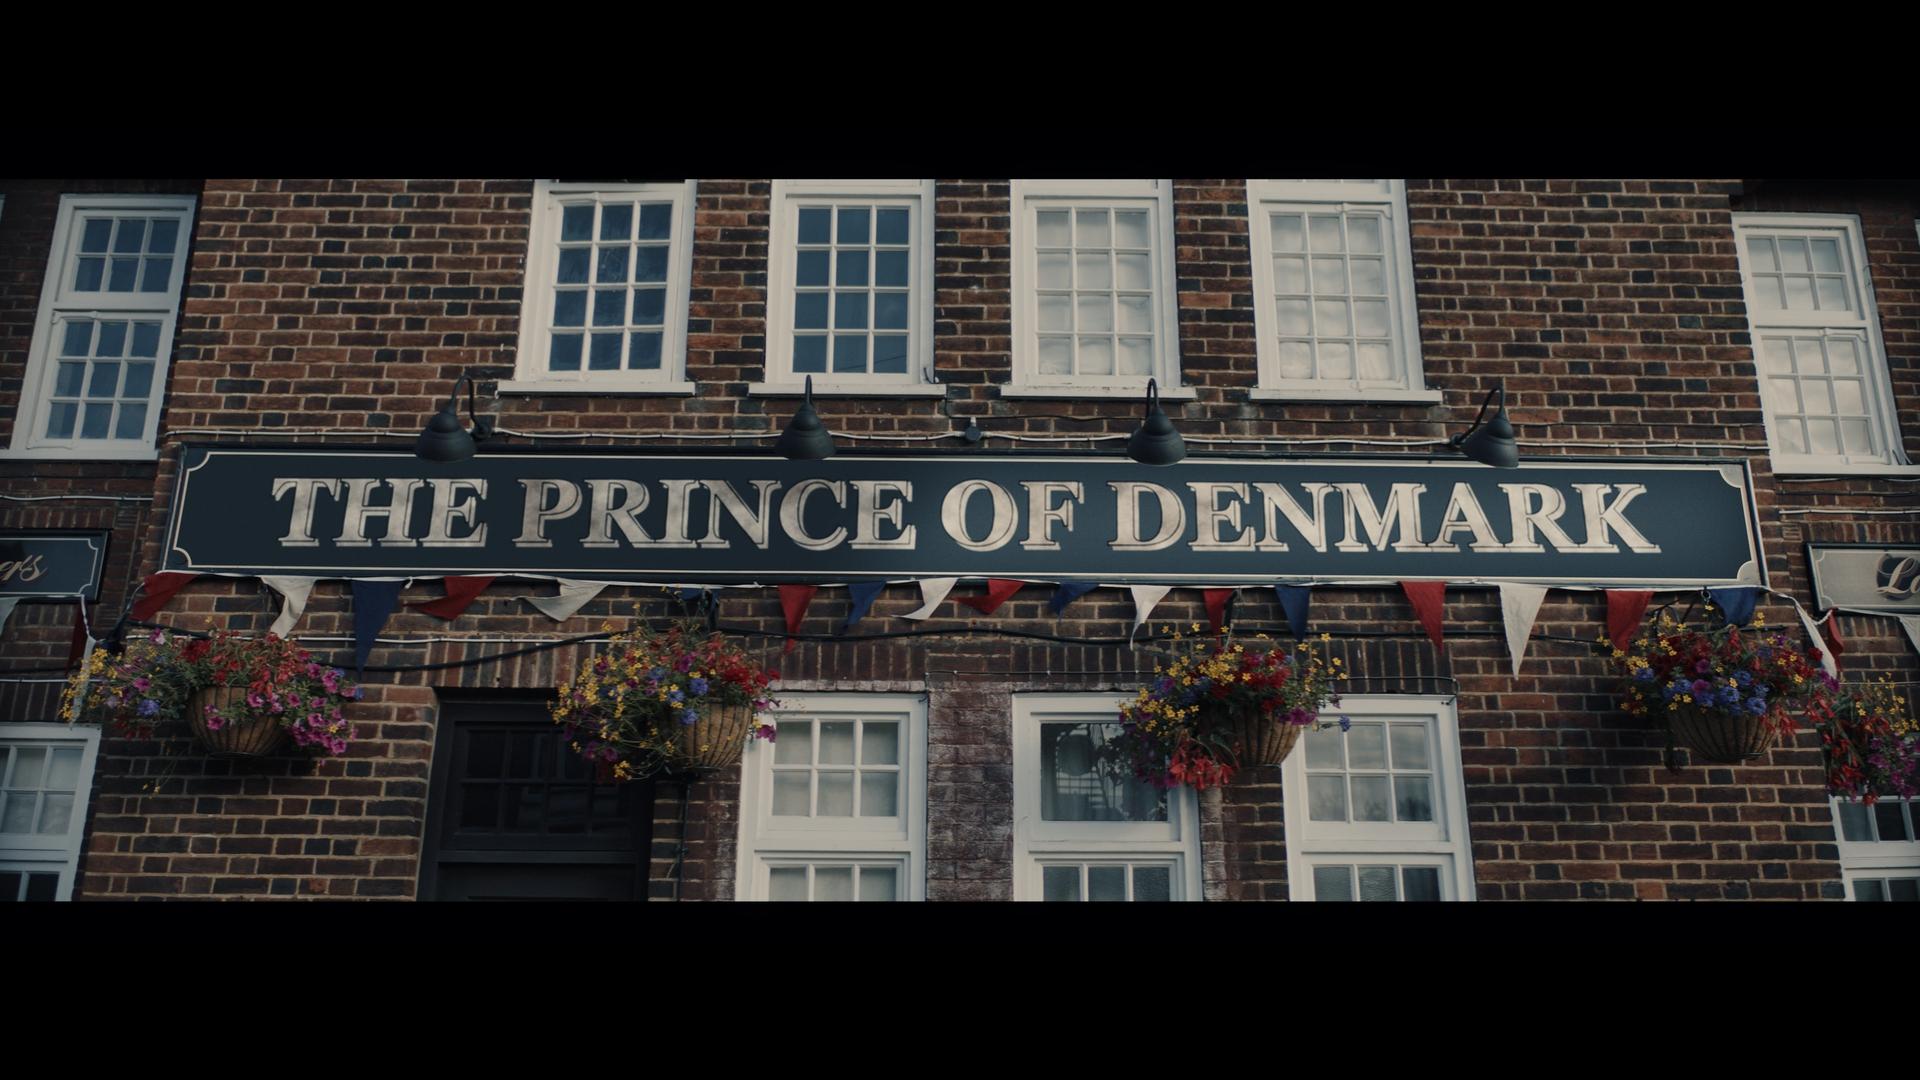 prince of denmark stills_1.1.3.jpg